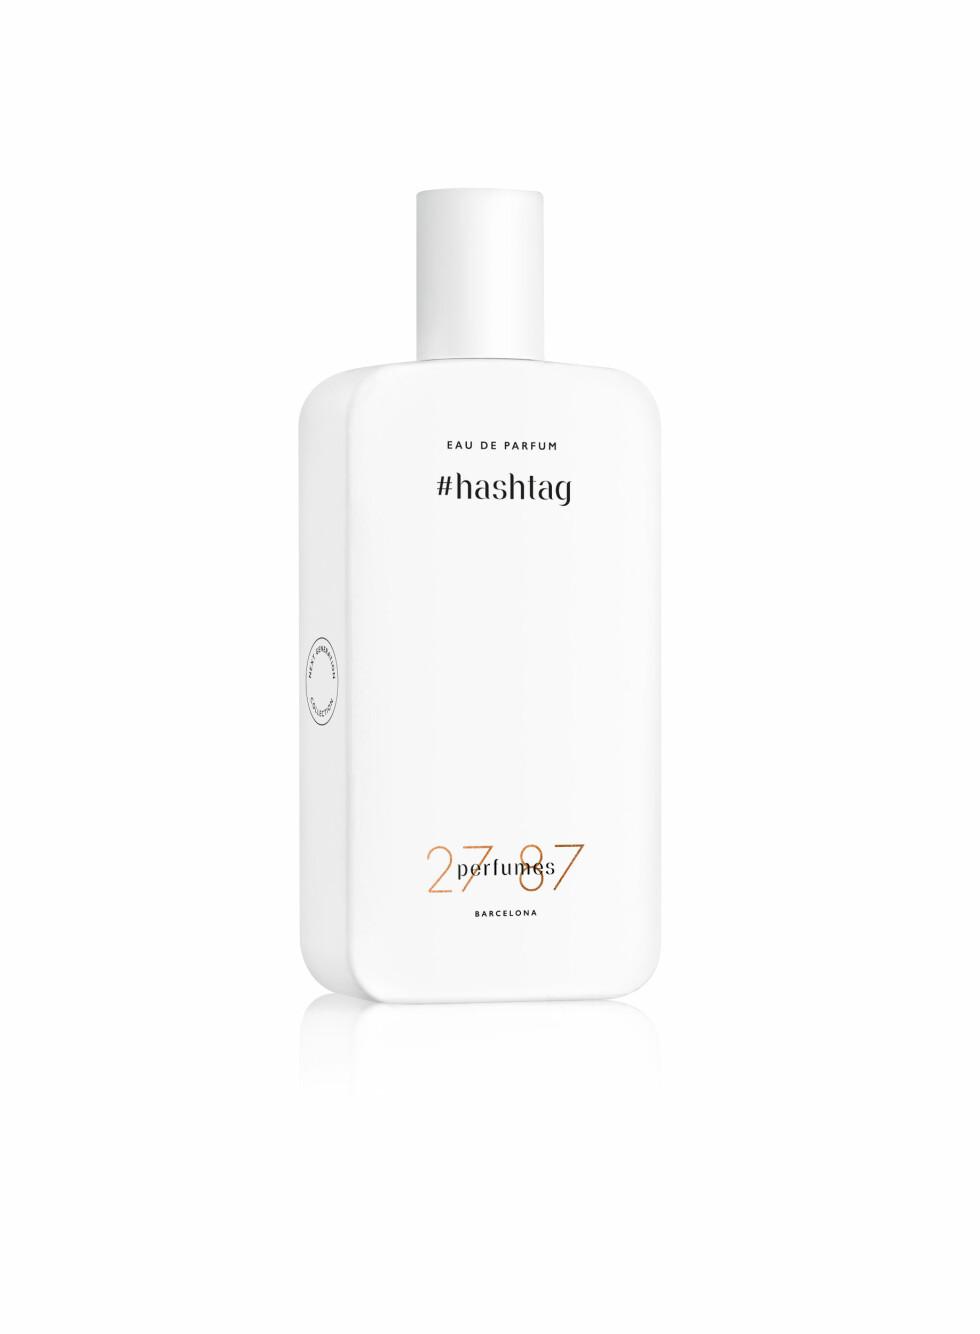 2787 Perfumes Barcelona: Laget for «millenials», eller de som føler seg unge til sinns! Skal fange dagens pulserende livsstil! #Hashtag: Duften av dagen digitale verden med aldehyde, fiolblader, harpiks, iris og musk.